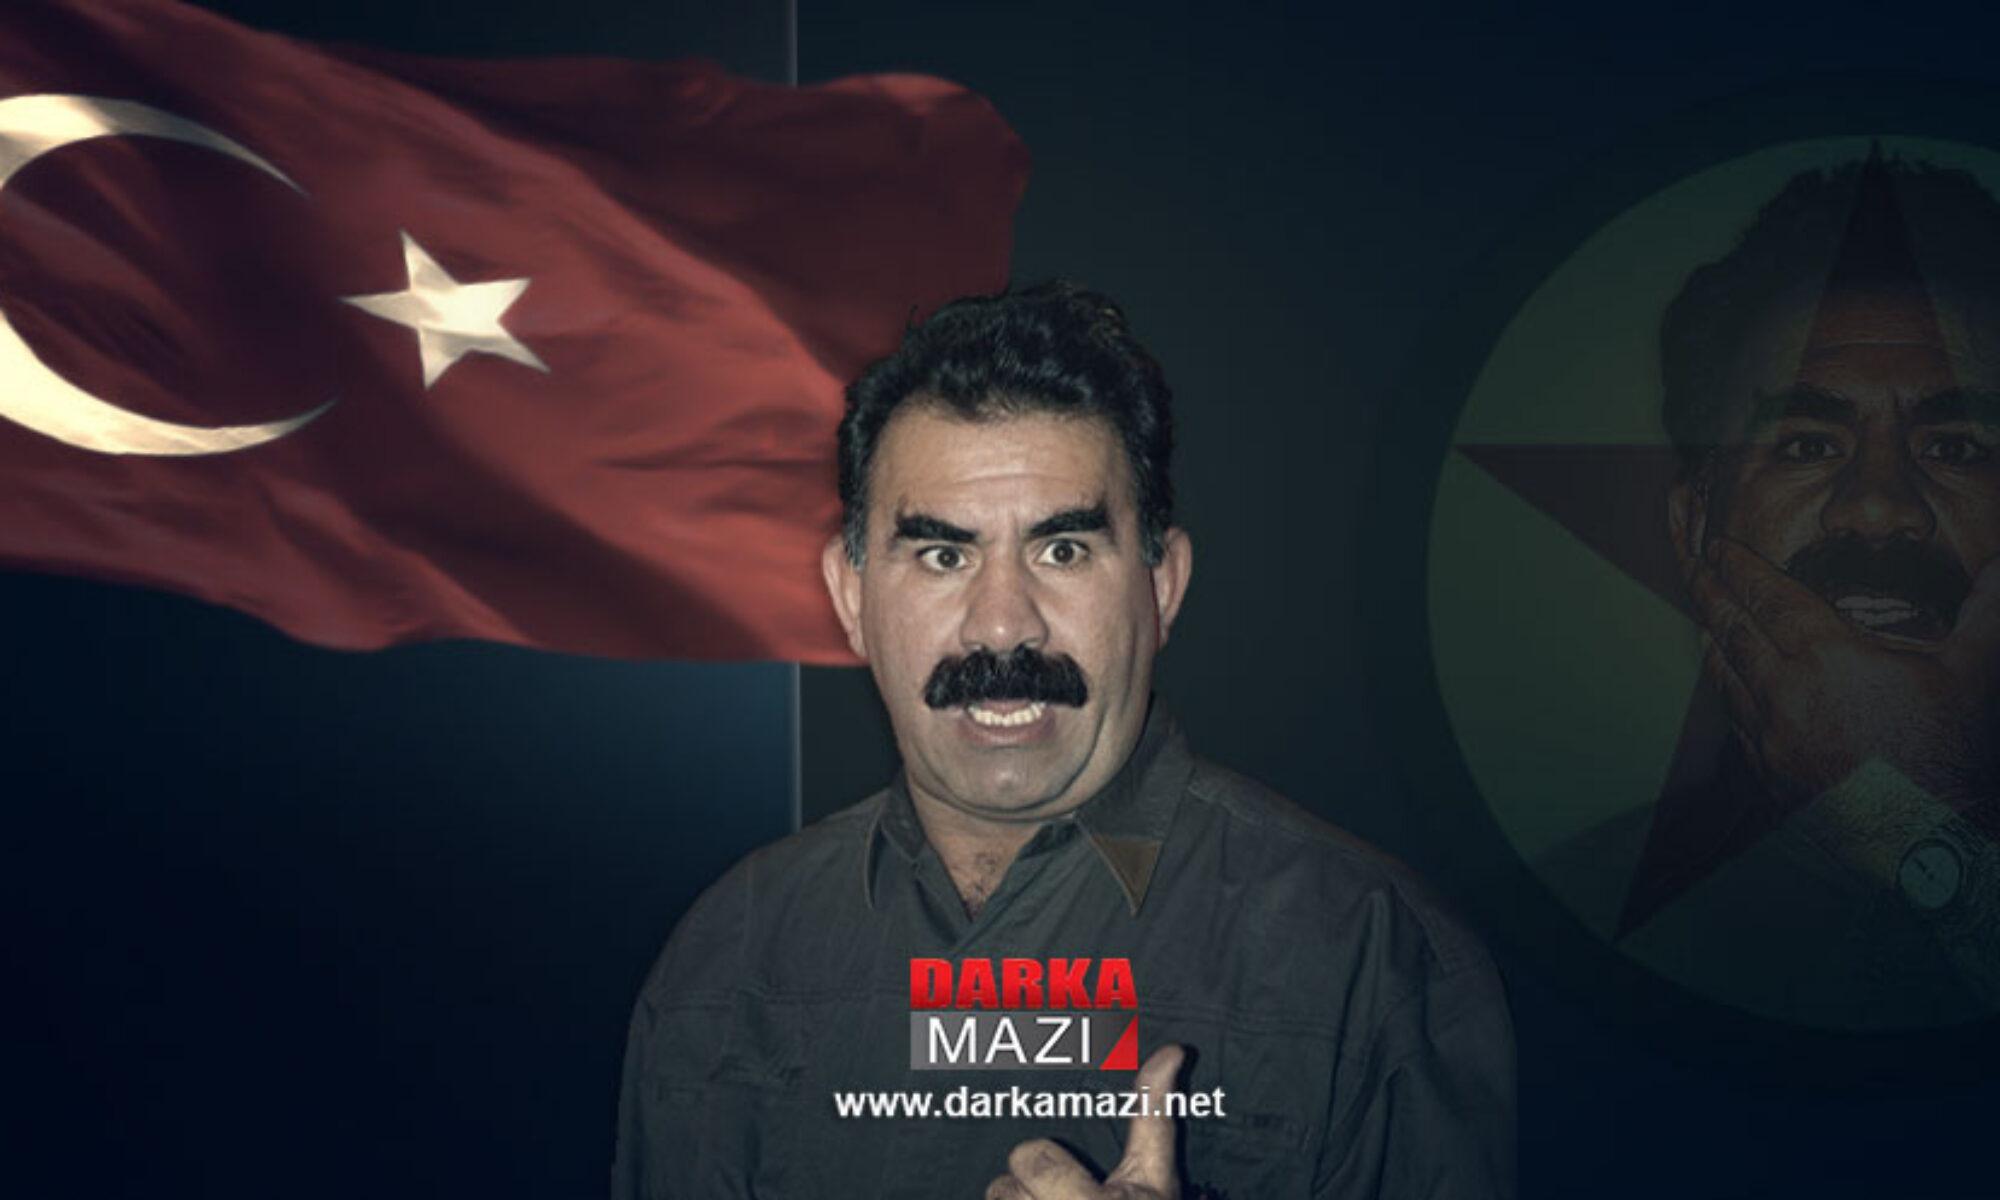 Abdullah Öcalan öldü haberlerinin gerçeği ne?İmralı, Bursa Başsavcılığı, Asrın Hukuk Bürosu, Kerkük, Türkiye, PKK